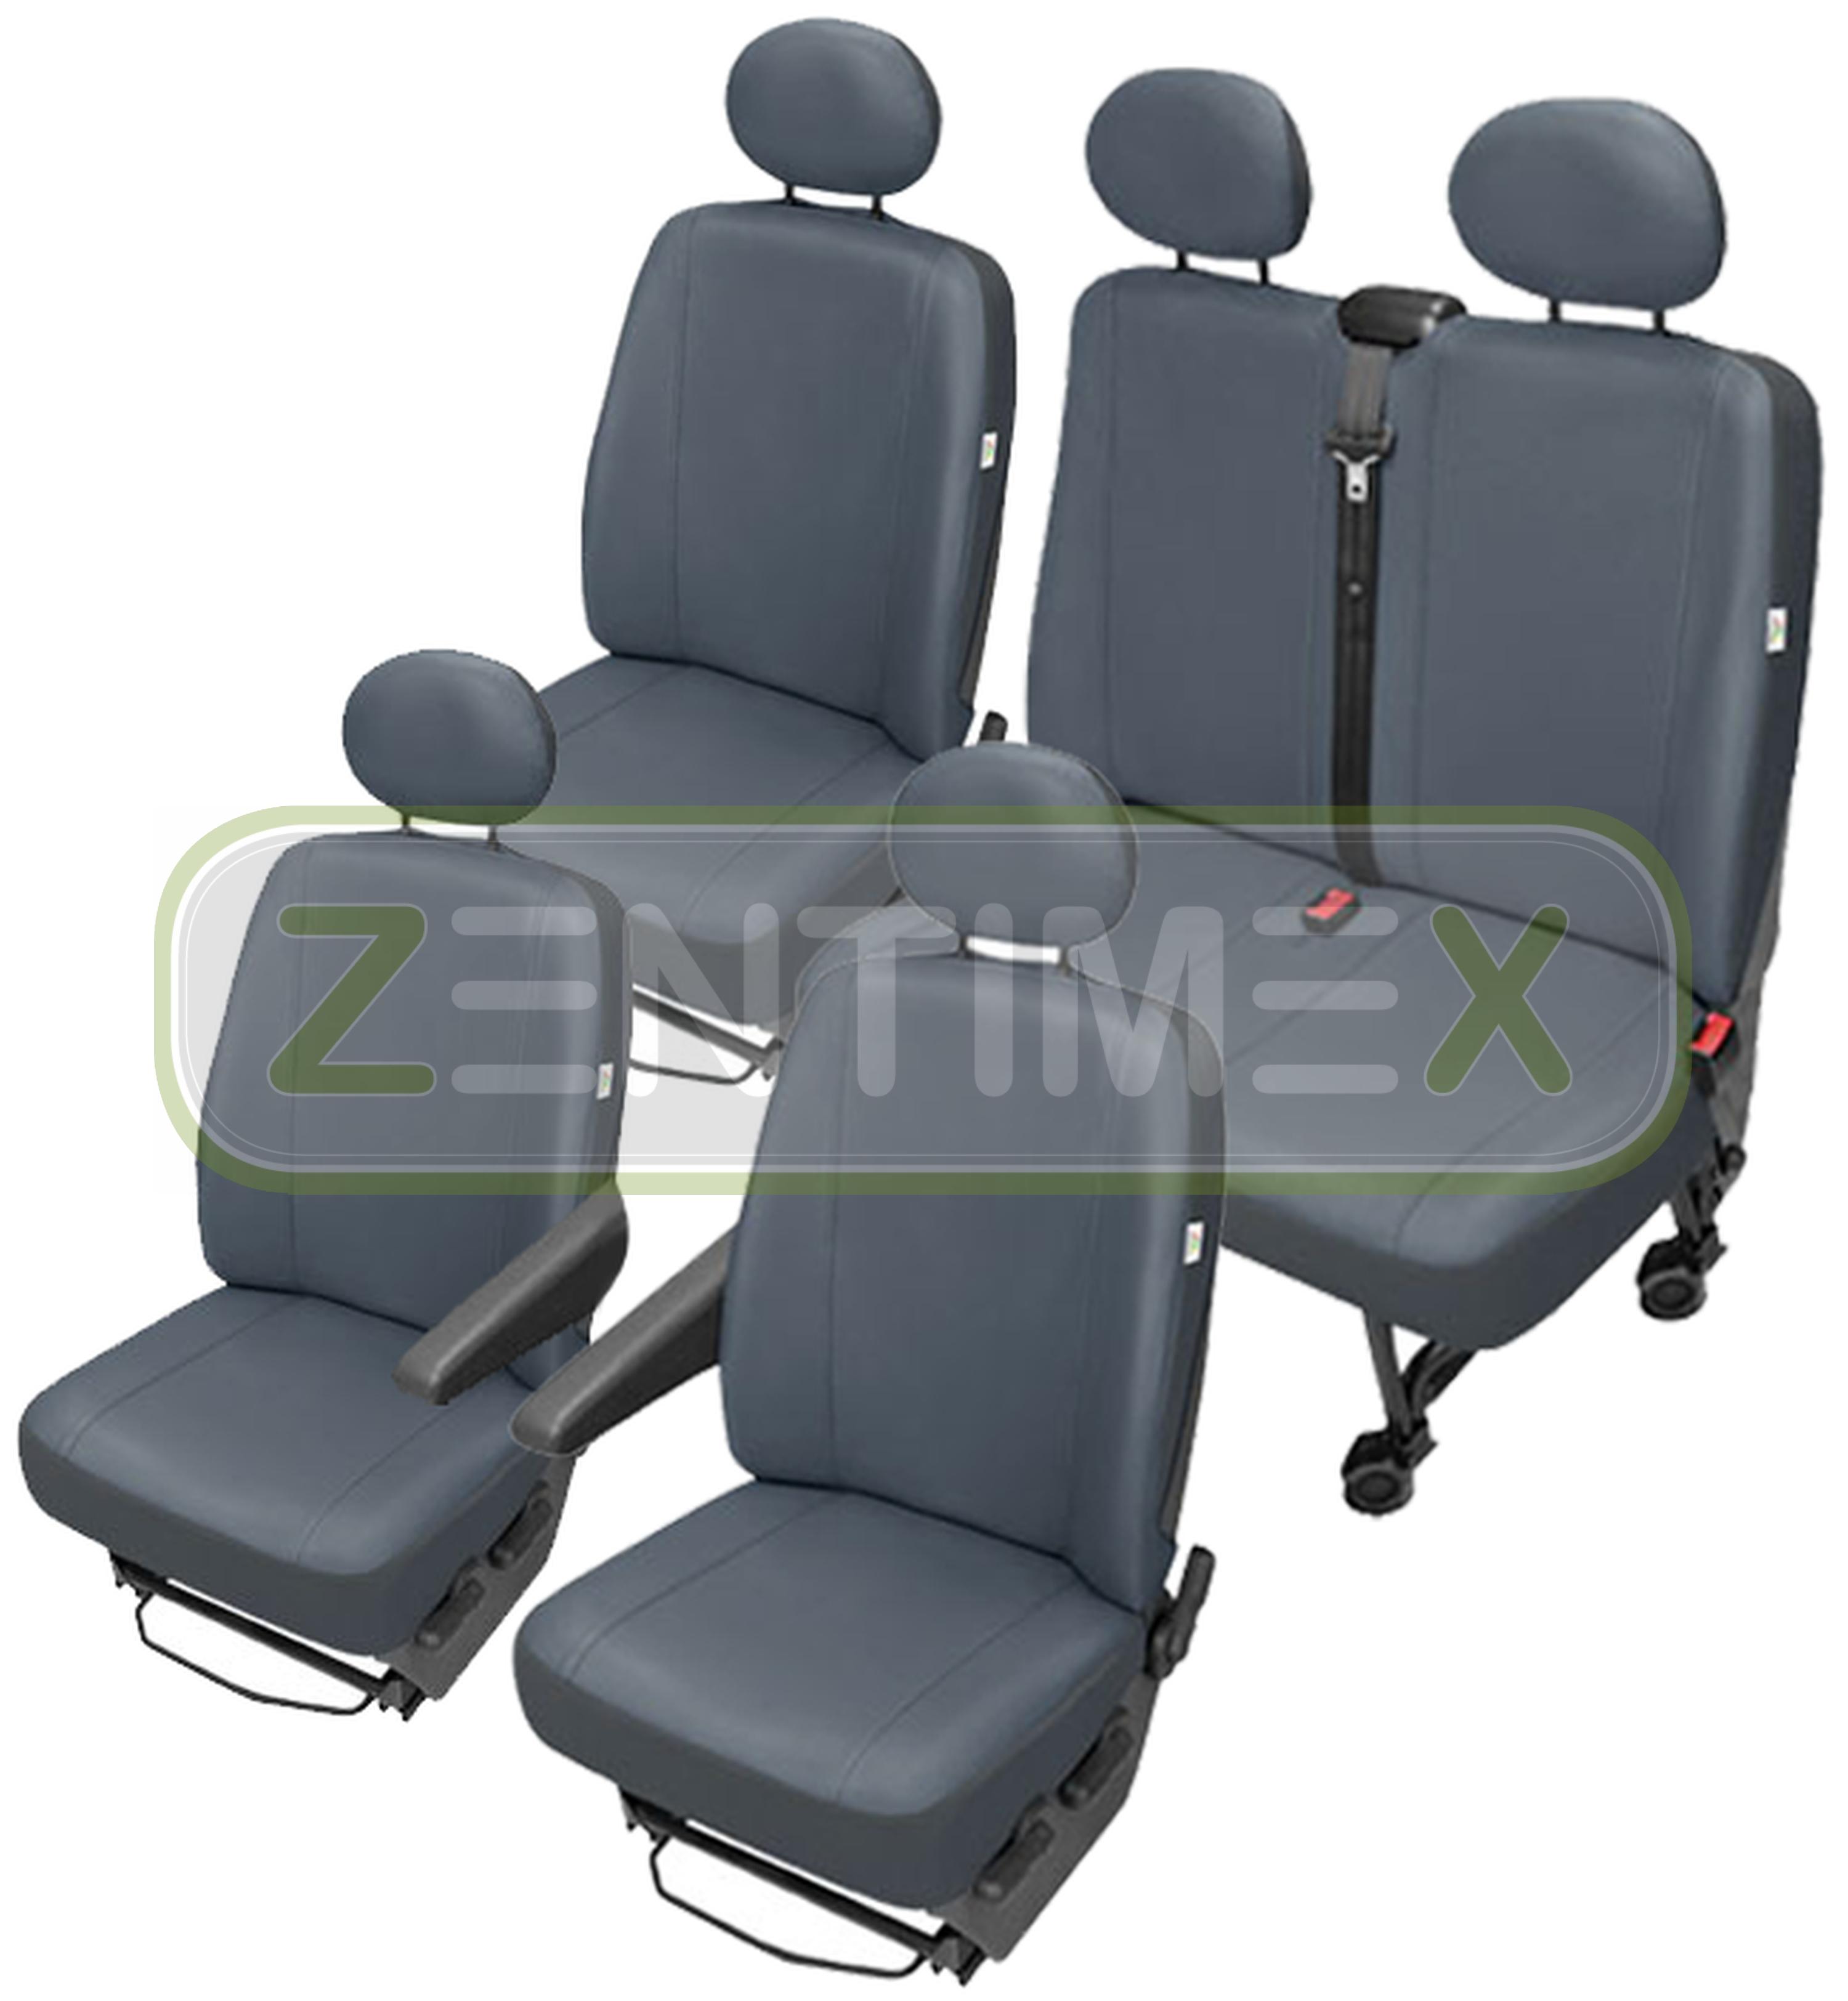 Sitzbezüge Schonbezüge SET GY VW T5 Caravelle Kunstleder grau